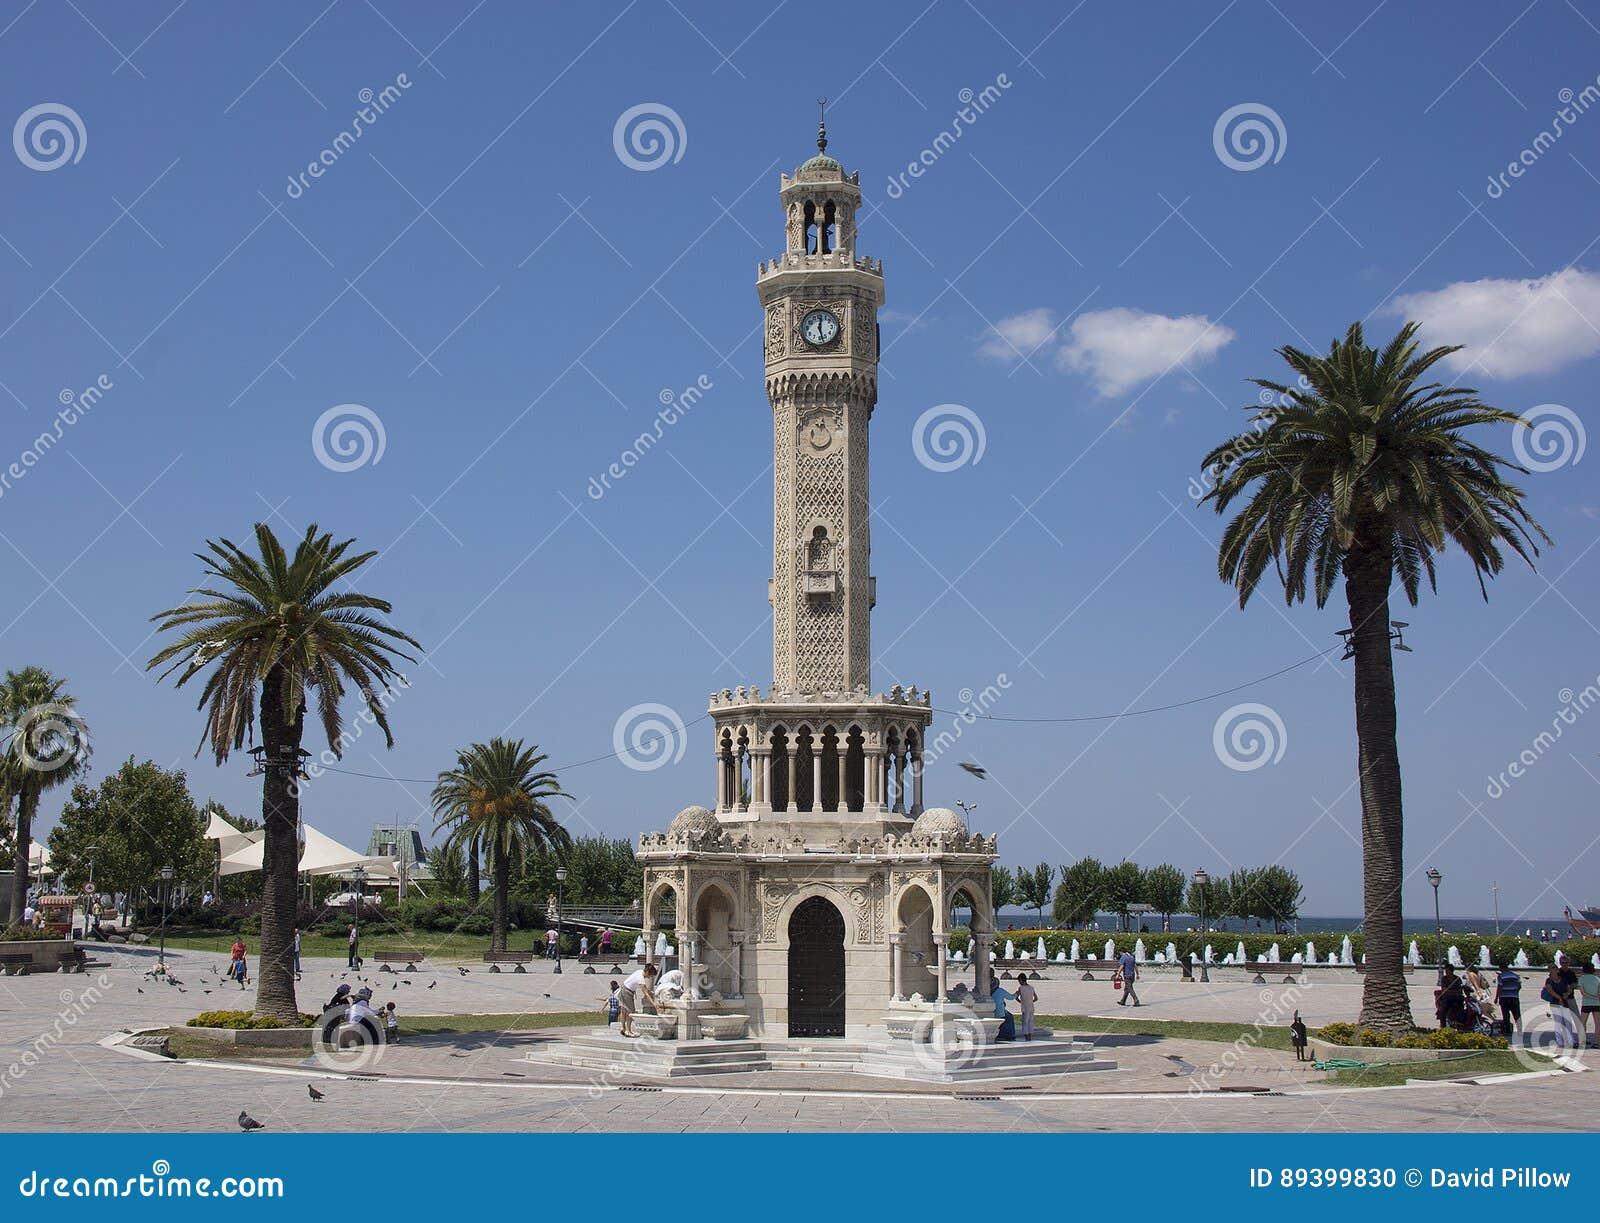 Historic Clocktower In Konak Square, Izmir Editorial Image ...